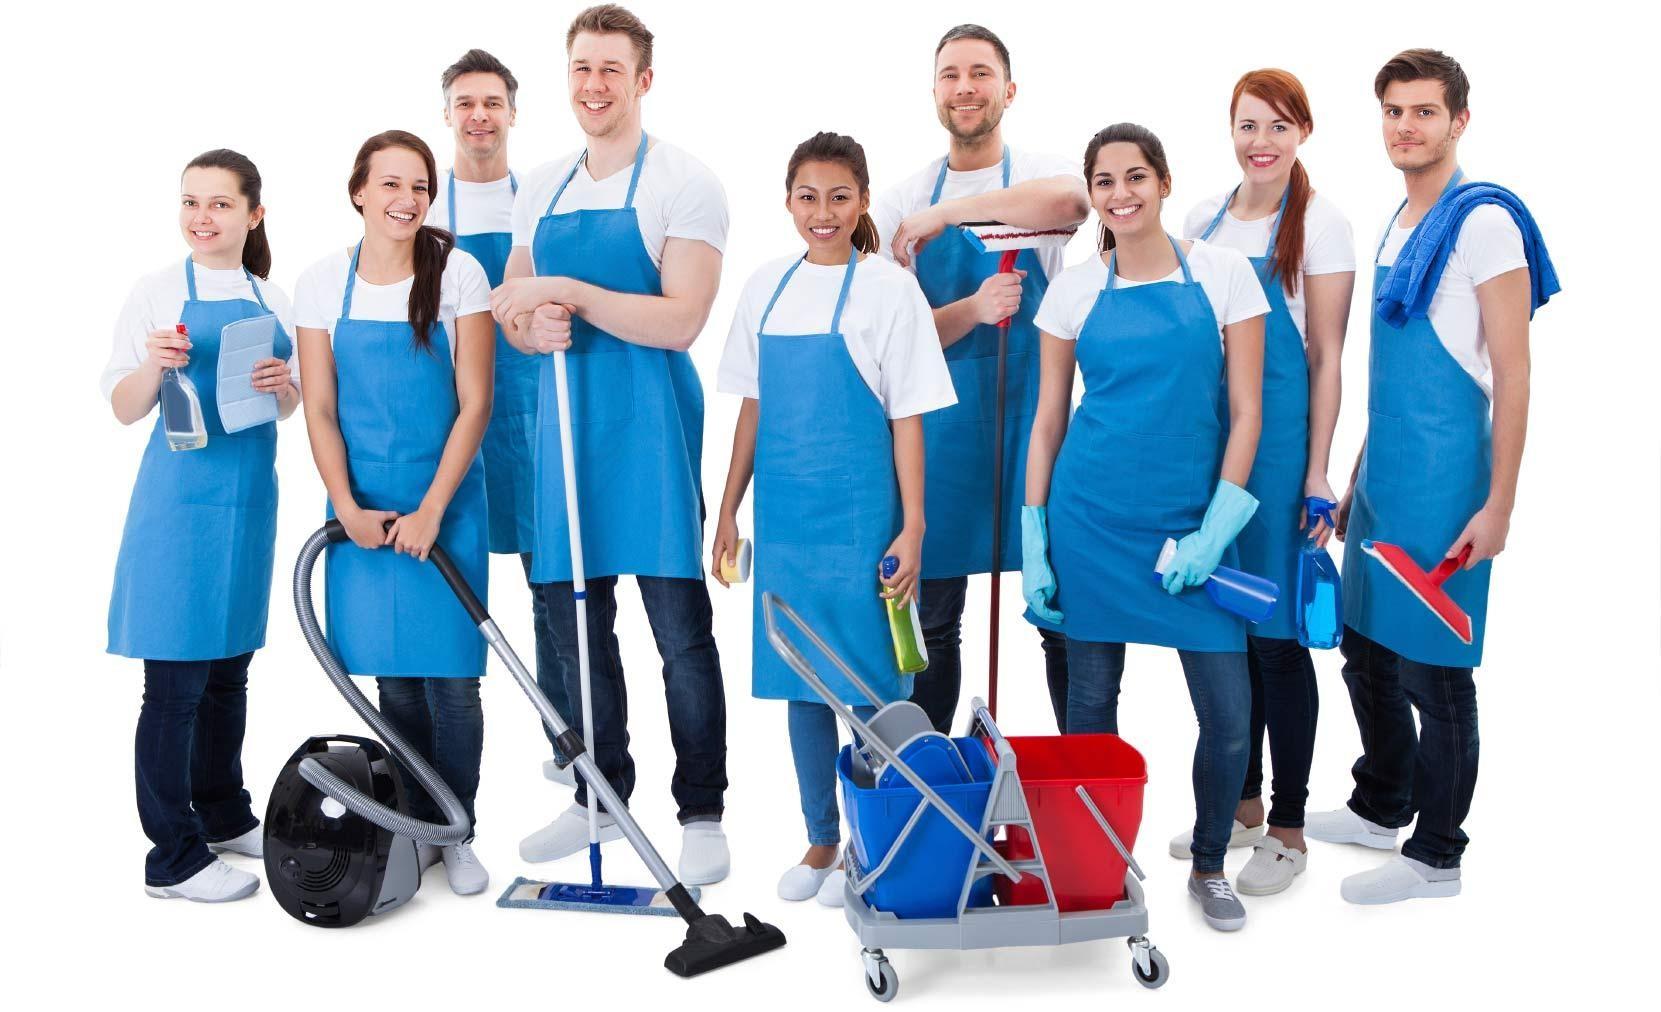 Đội ngũ nhân viên giàu kinh nghiệm, cùng trang thiết bị vệ sinh hiện đại